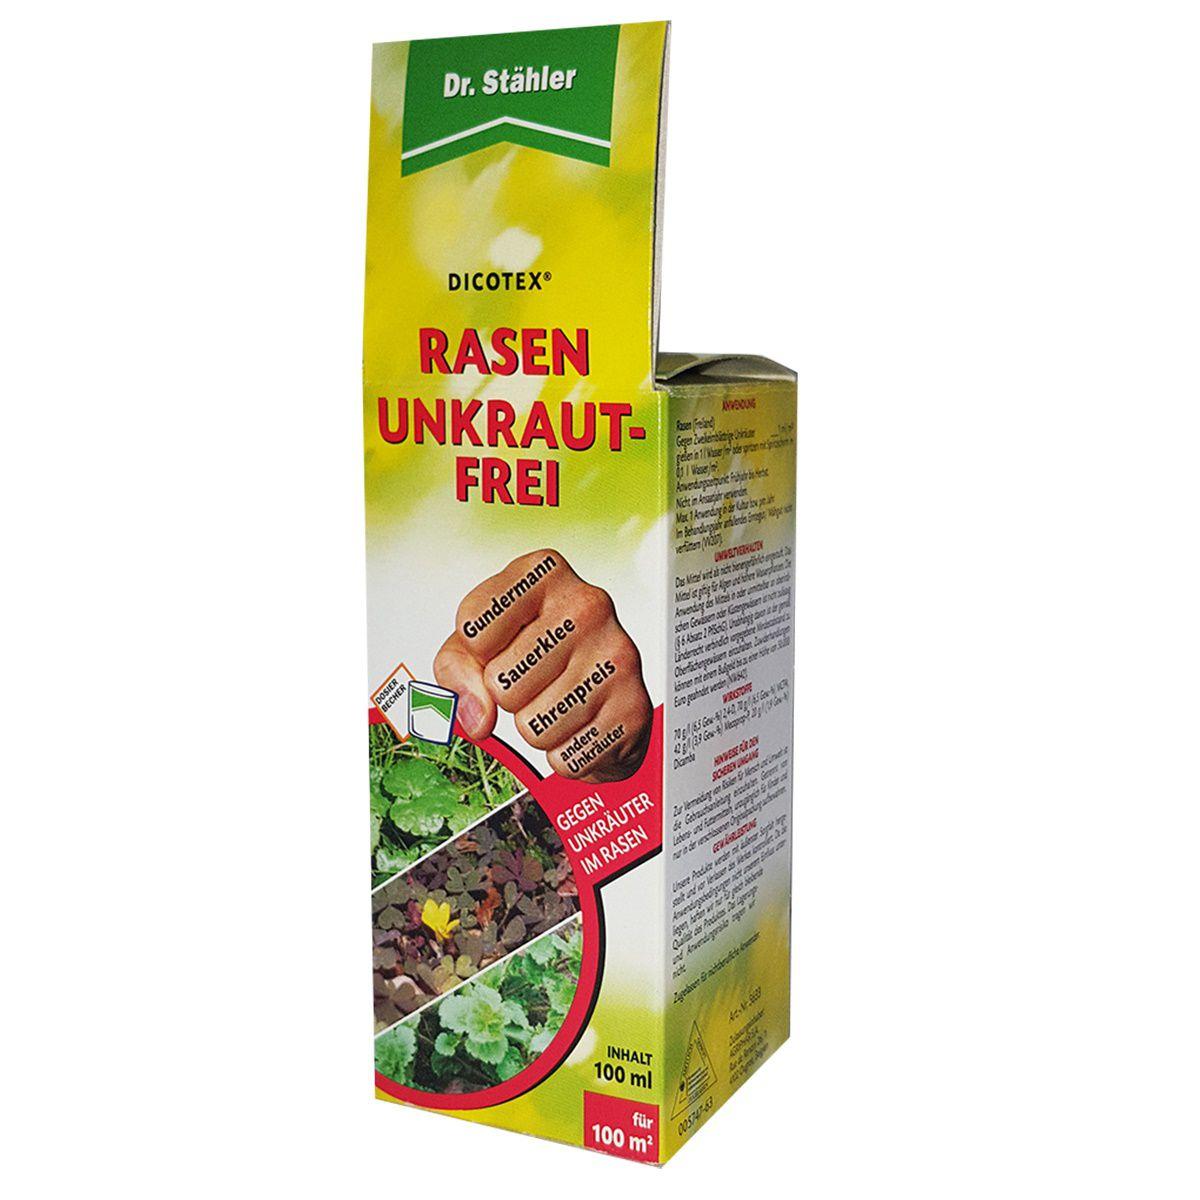 Dr. Stähler Dicotex Rasen Unkraut-Frei Super 300 ml für 300 m²